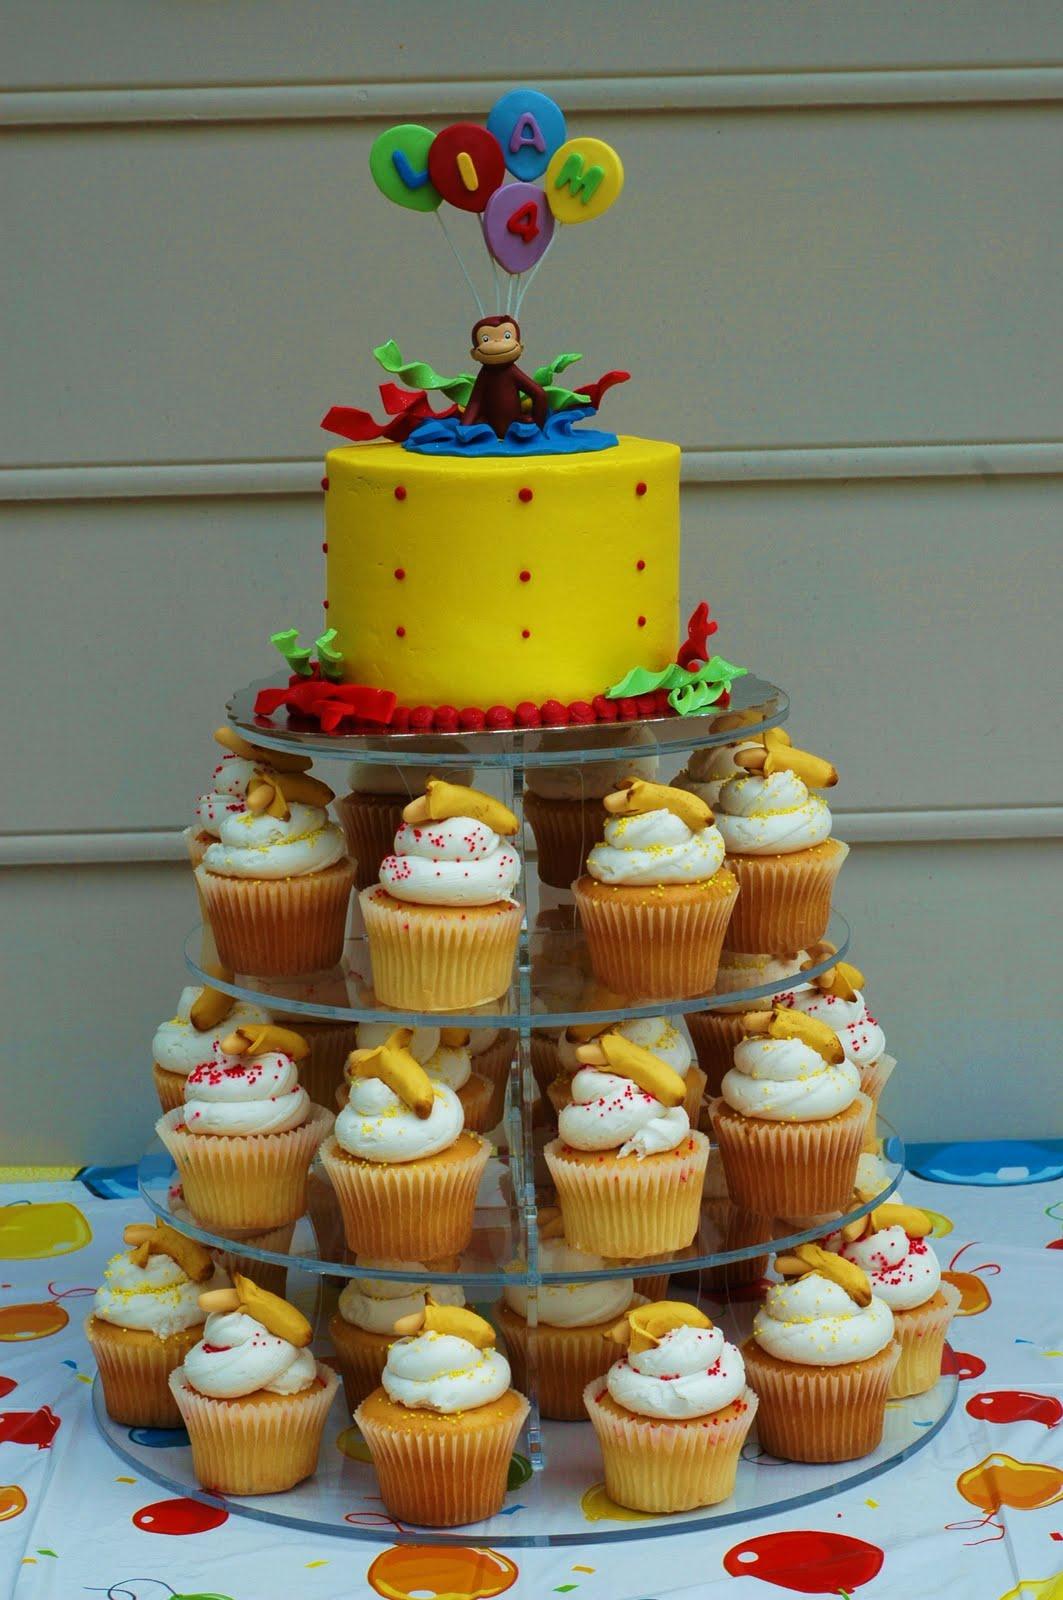 Tara's Cupcakes: April 2010